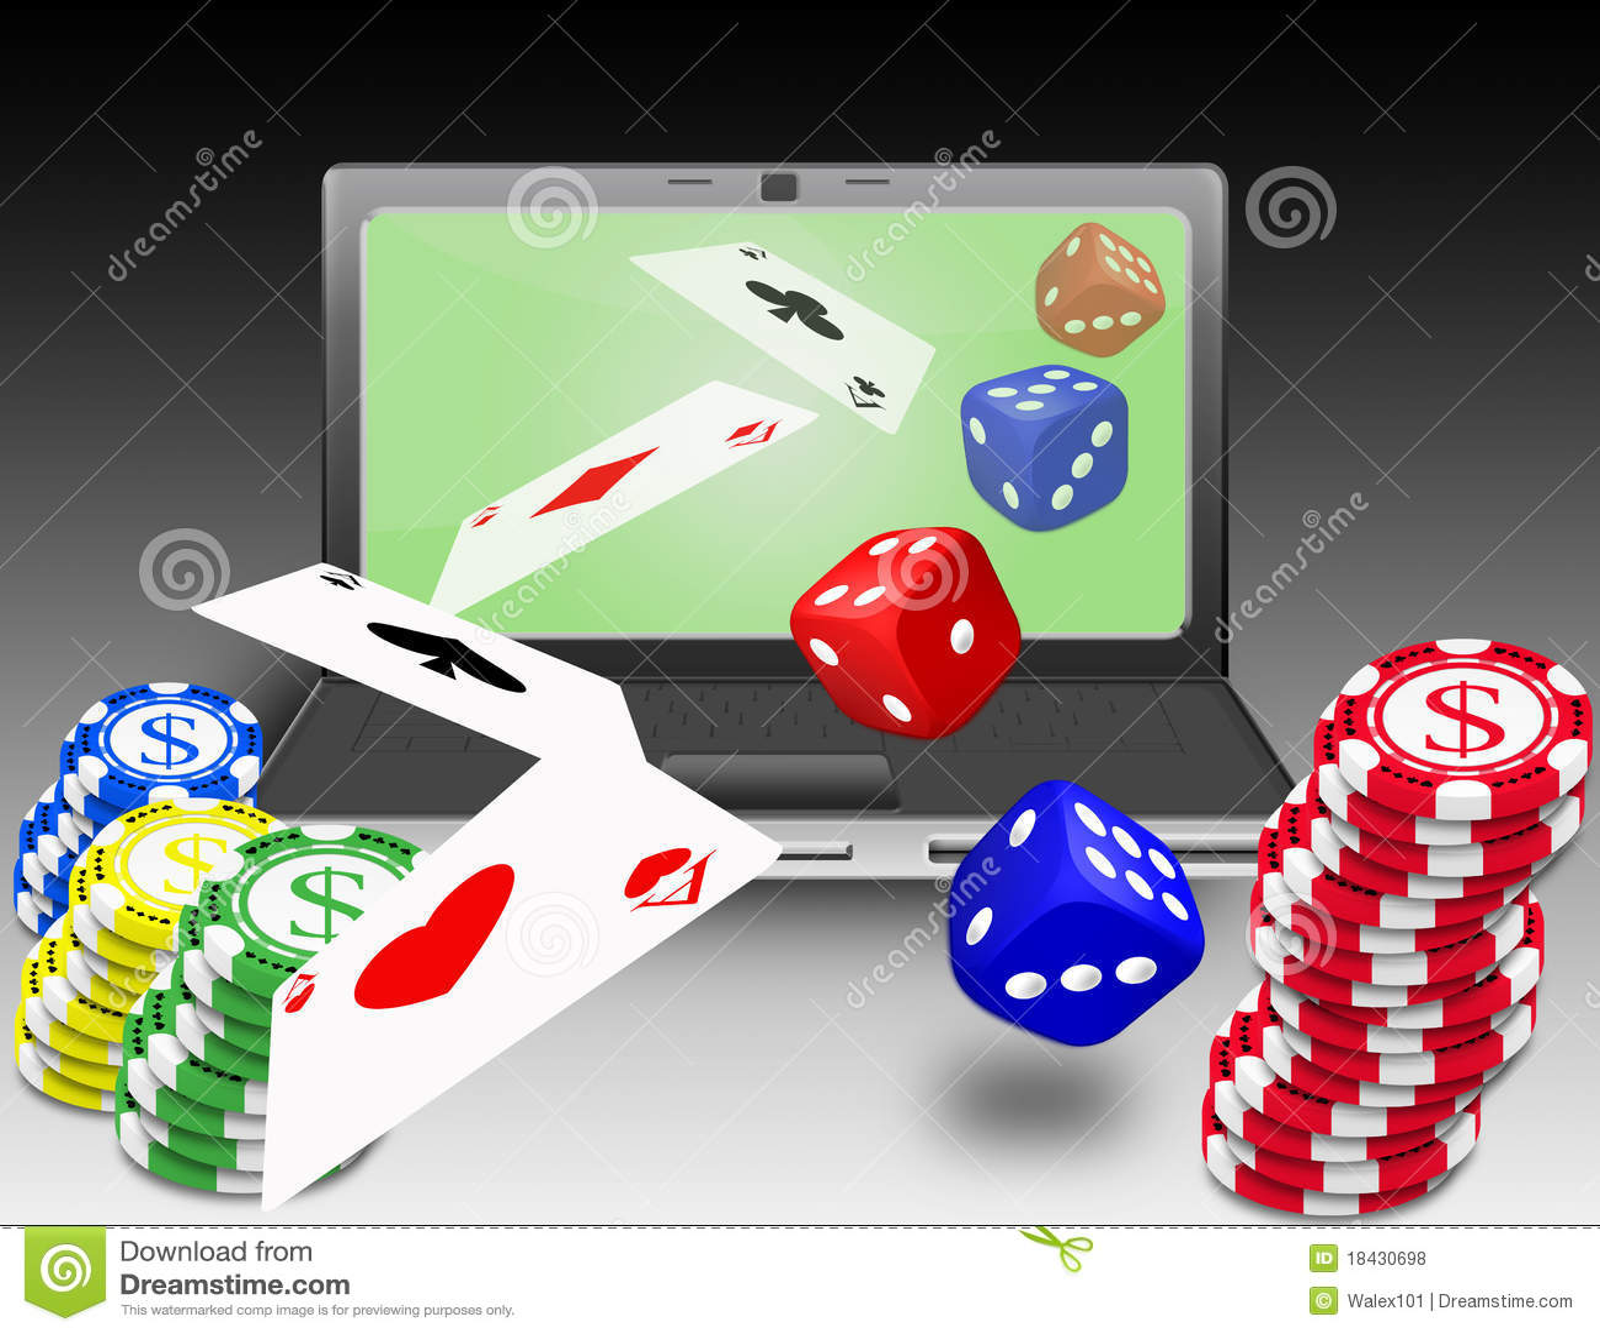 free gambling online